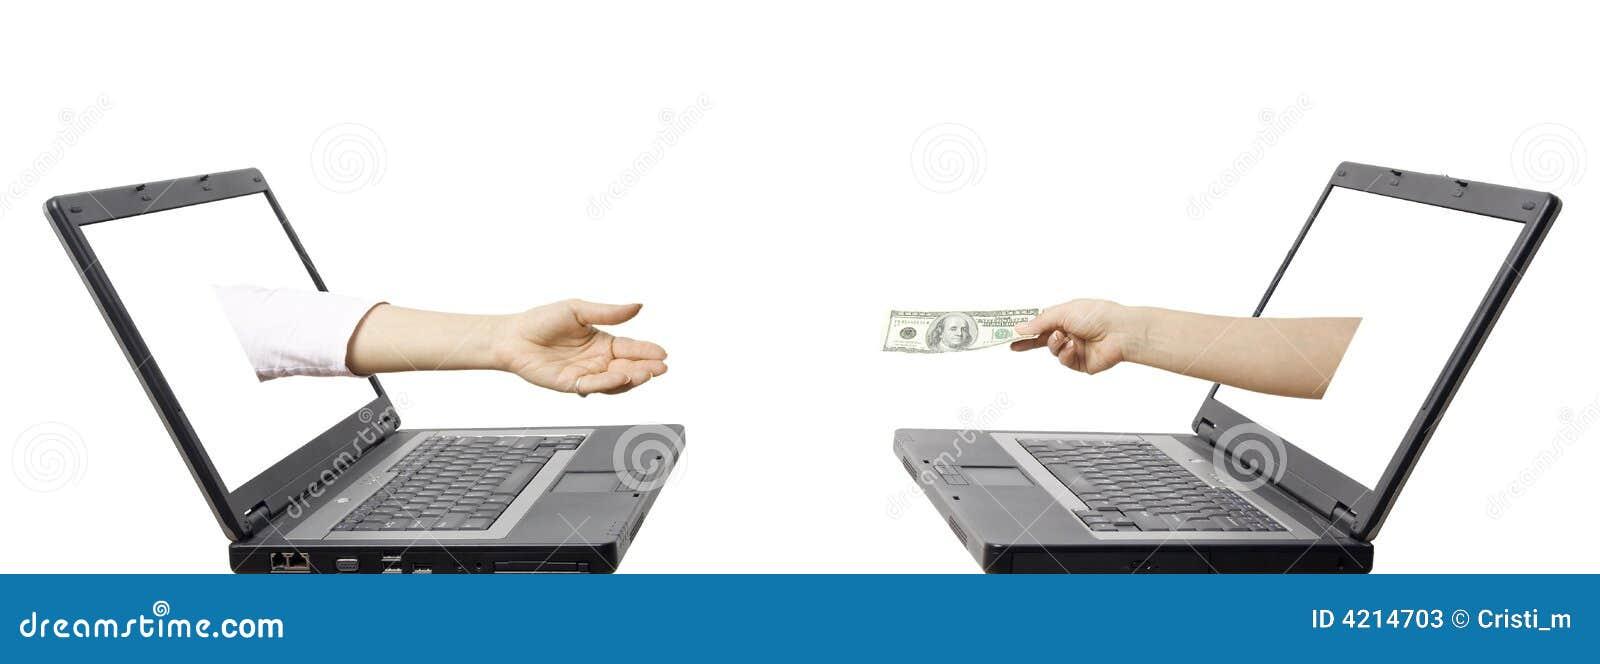 concept de transfert d 39 argent lectronique photos stock image 4214703. Black Bedroom Furniture Sets. Home Design Ideas